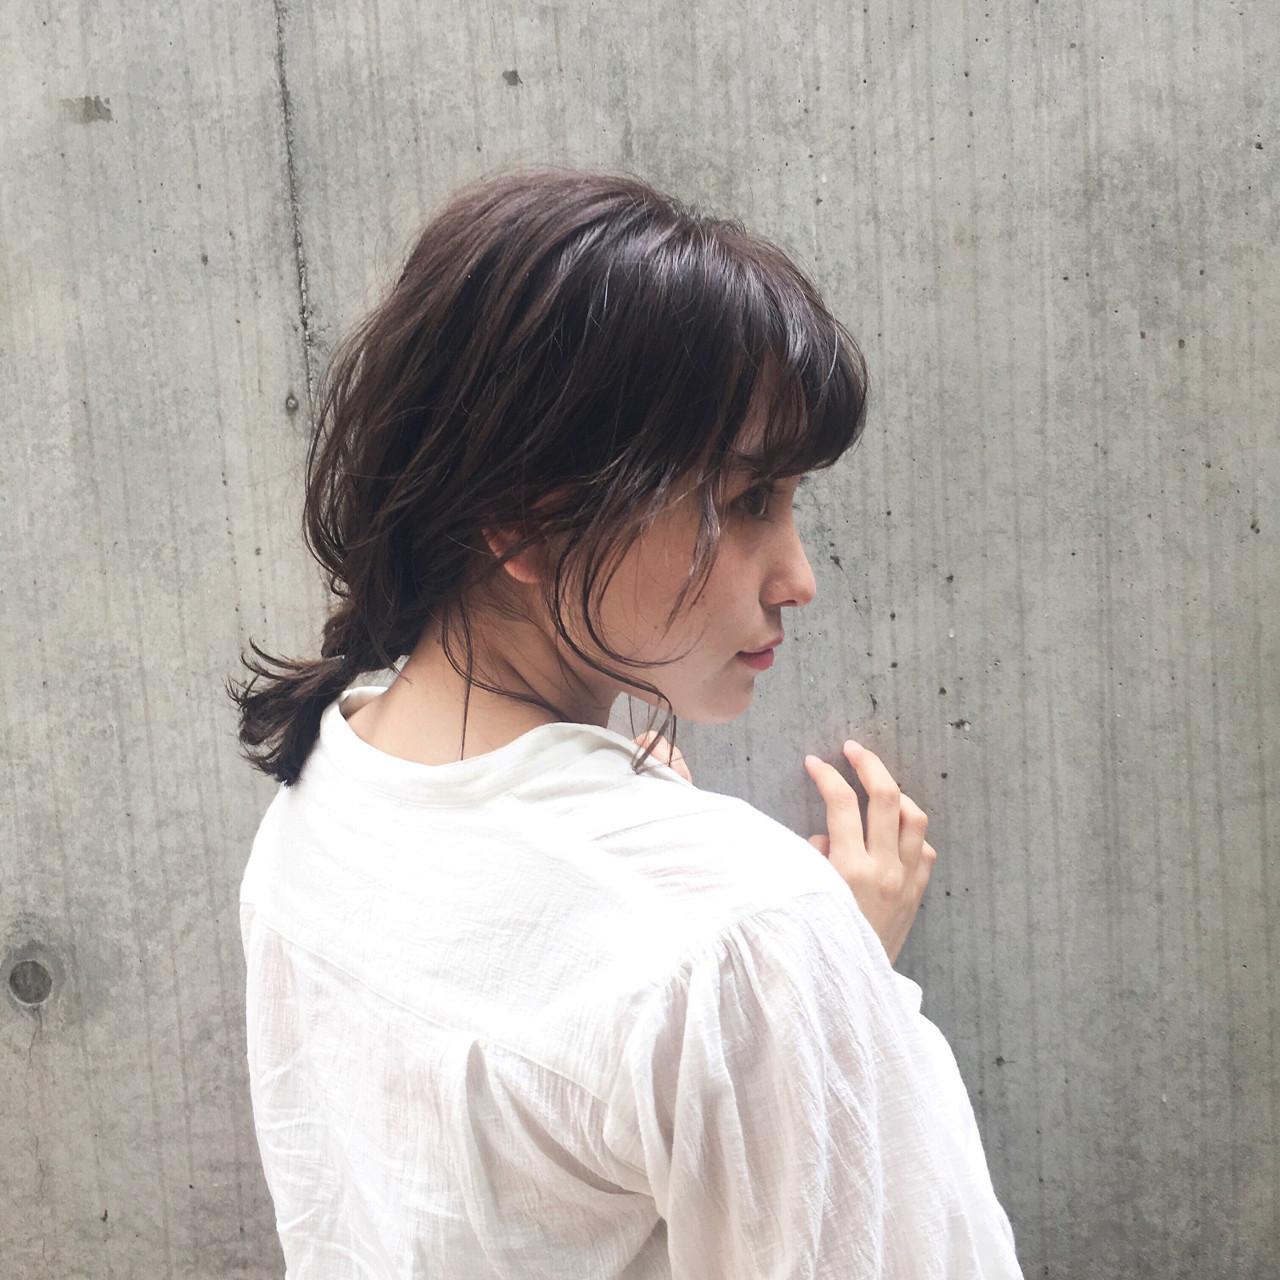 ヘアアレンジ 編み込み ミディアム ナチュラル ヘアスタイルや髪型の写真・画像